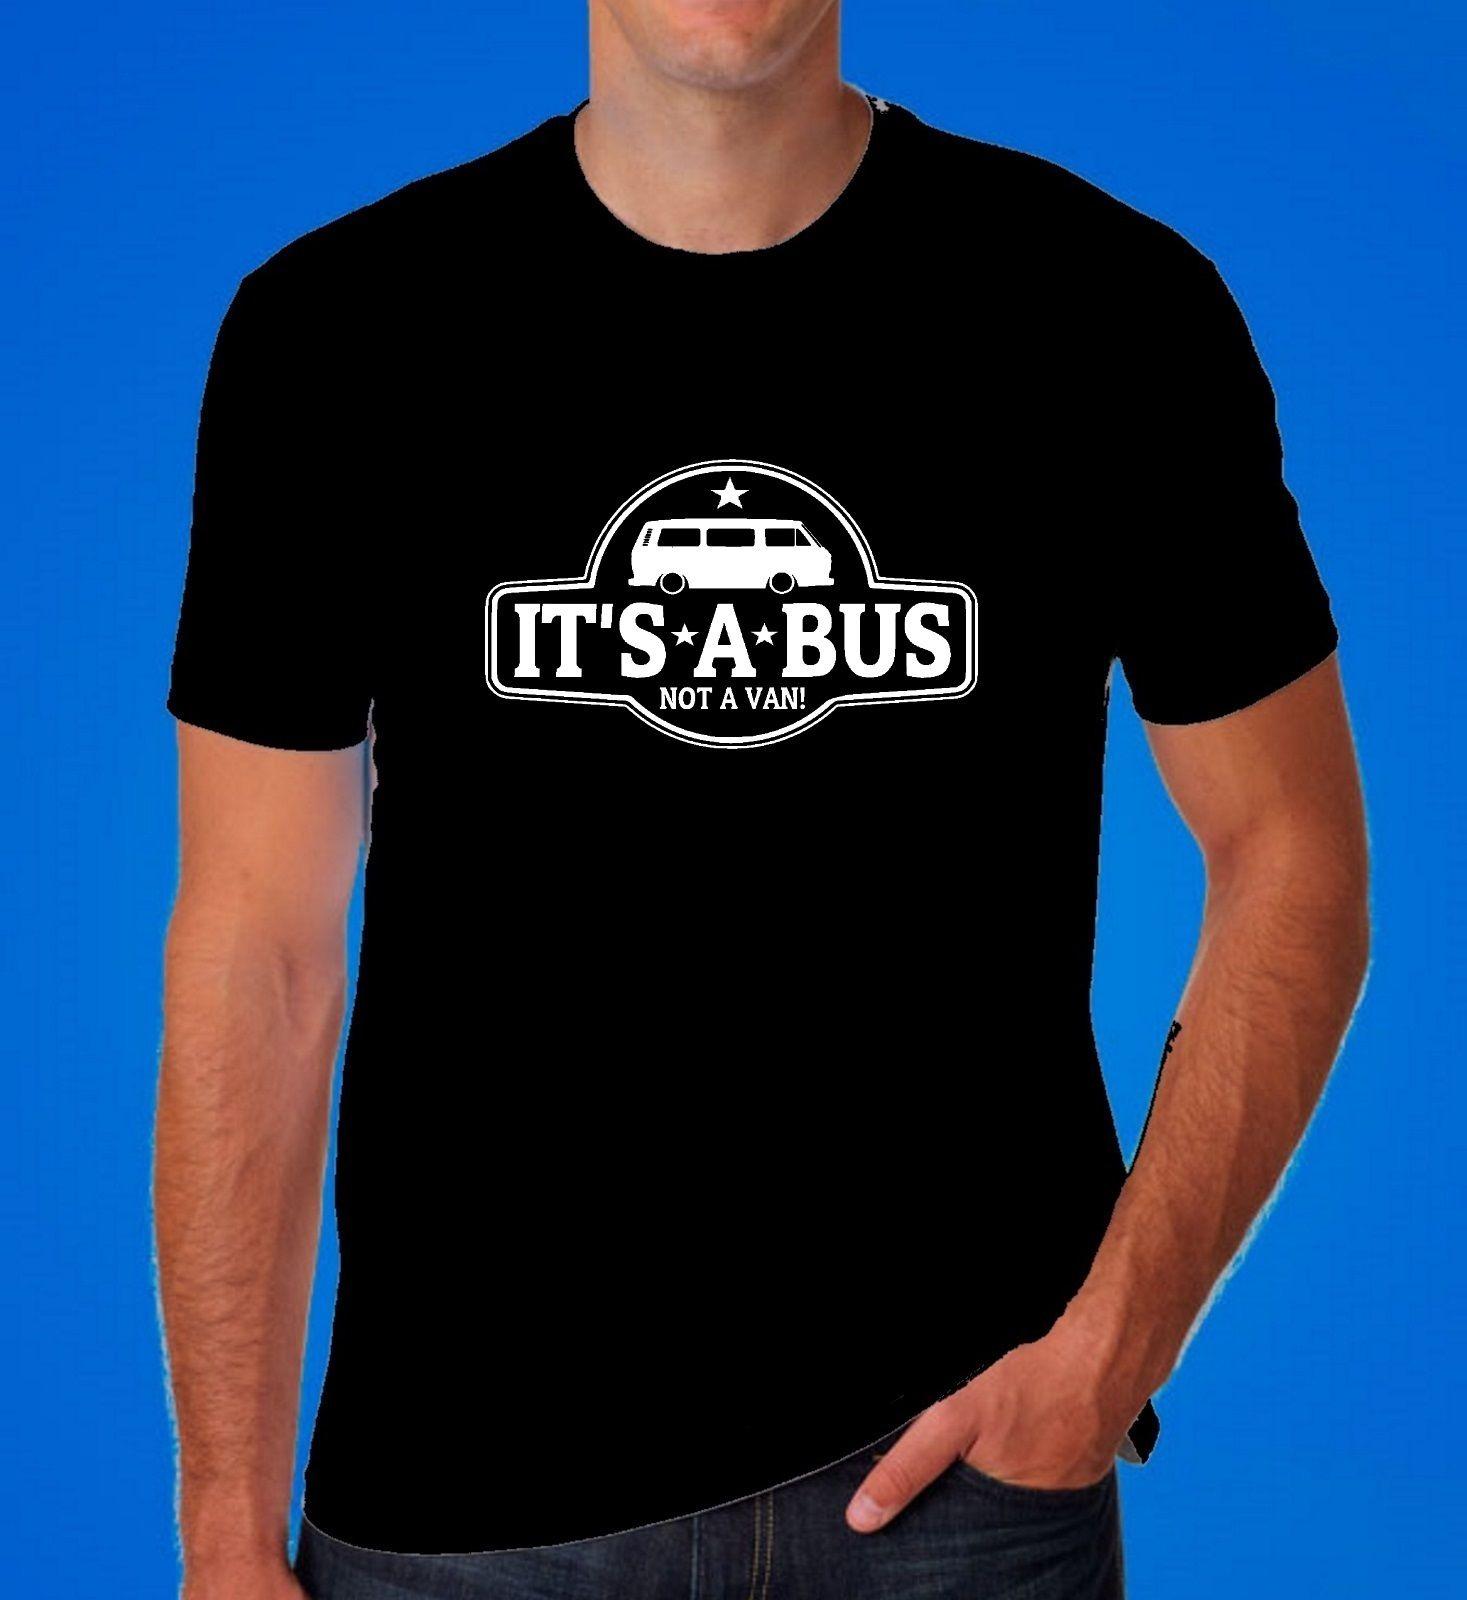 Camisetas de alta calidad de Alemania, Camiseta clásica T3 T25 Dad Dub Bus, camiseta Retro de surfista con cuello redondo para adolescentes